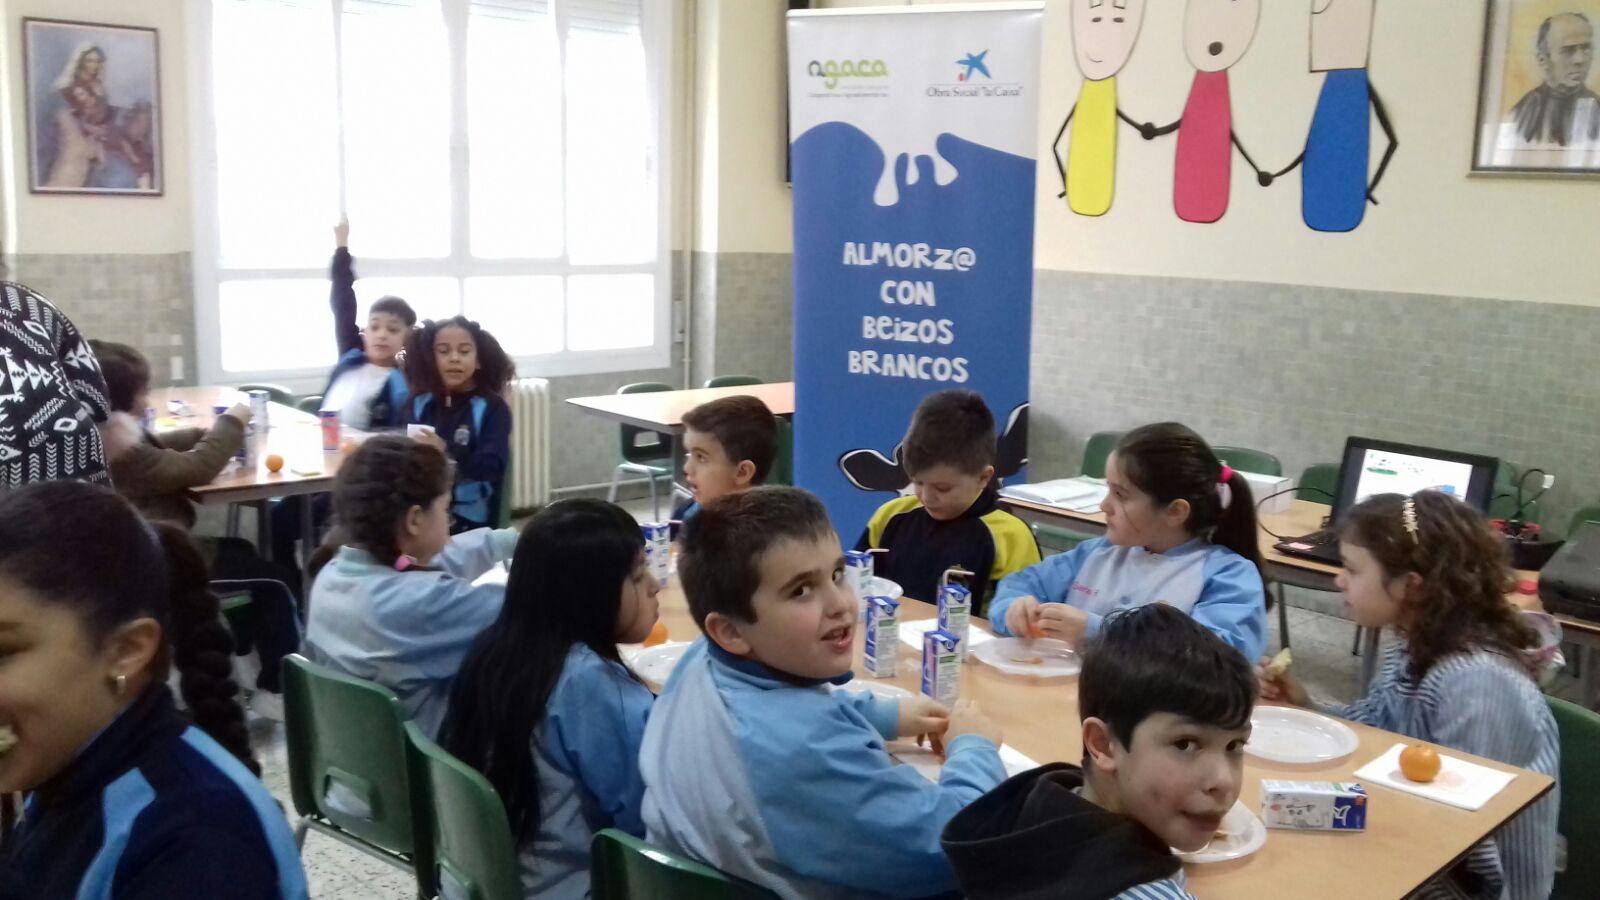 """AGACA y Obra Social """"la Caixa"""" llevan almorzos sanos a estudiantes de Ourense"""